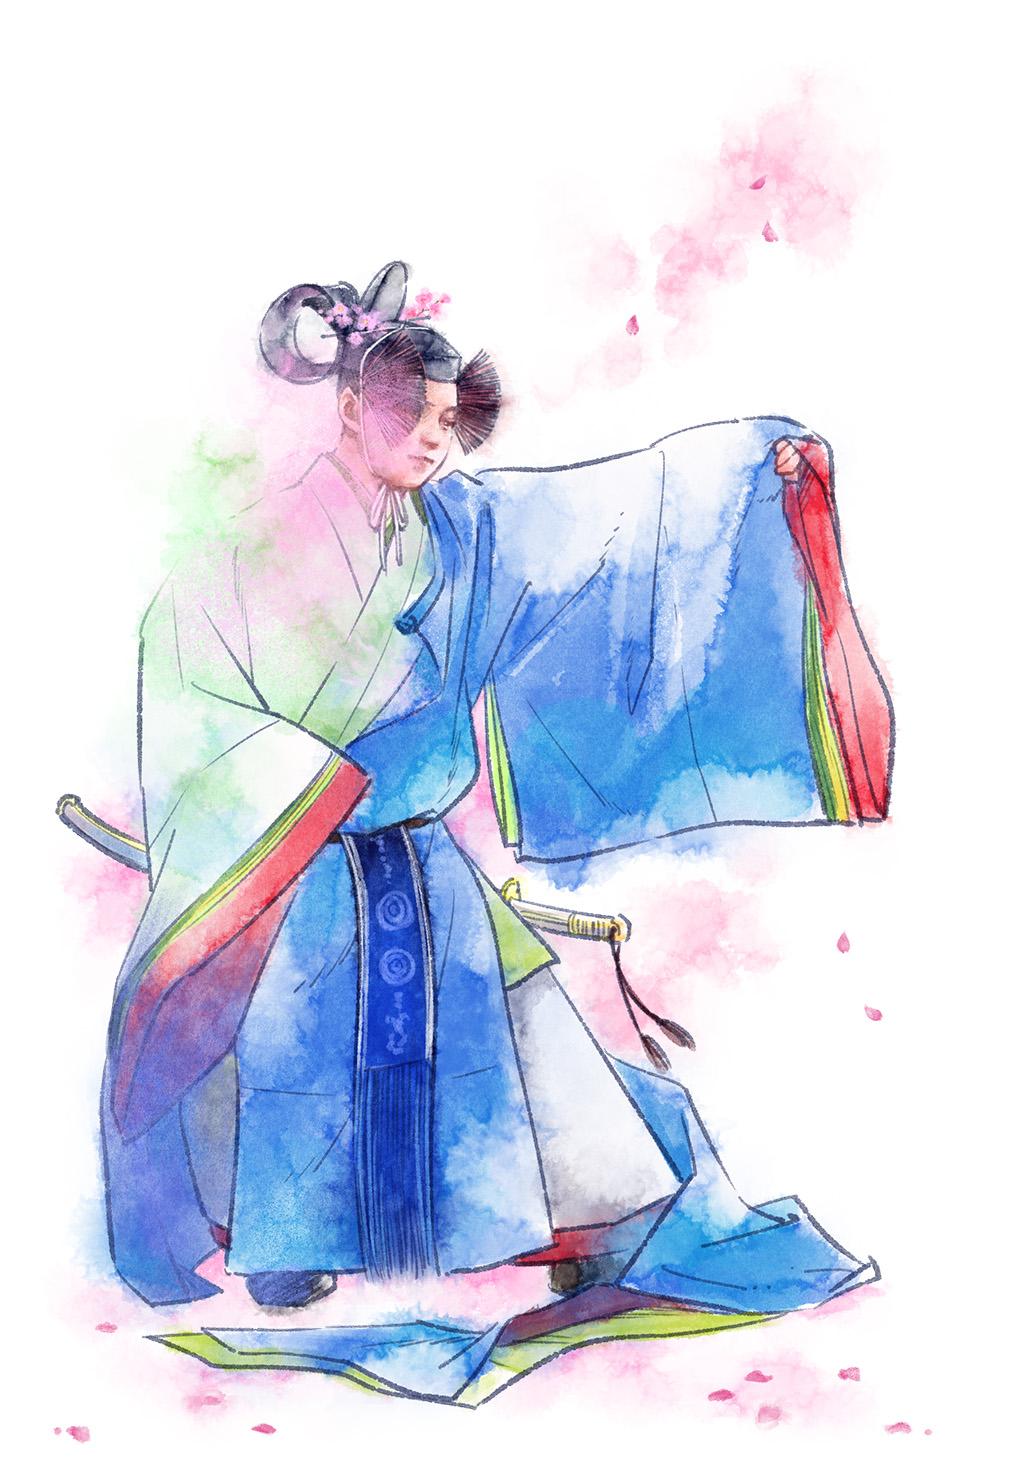 イラストレーター 黒澤葵さんが選ぶ 挿画 Best 10の画像4